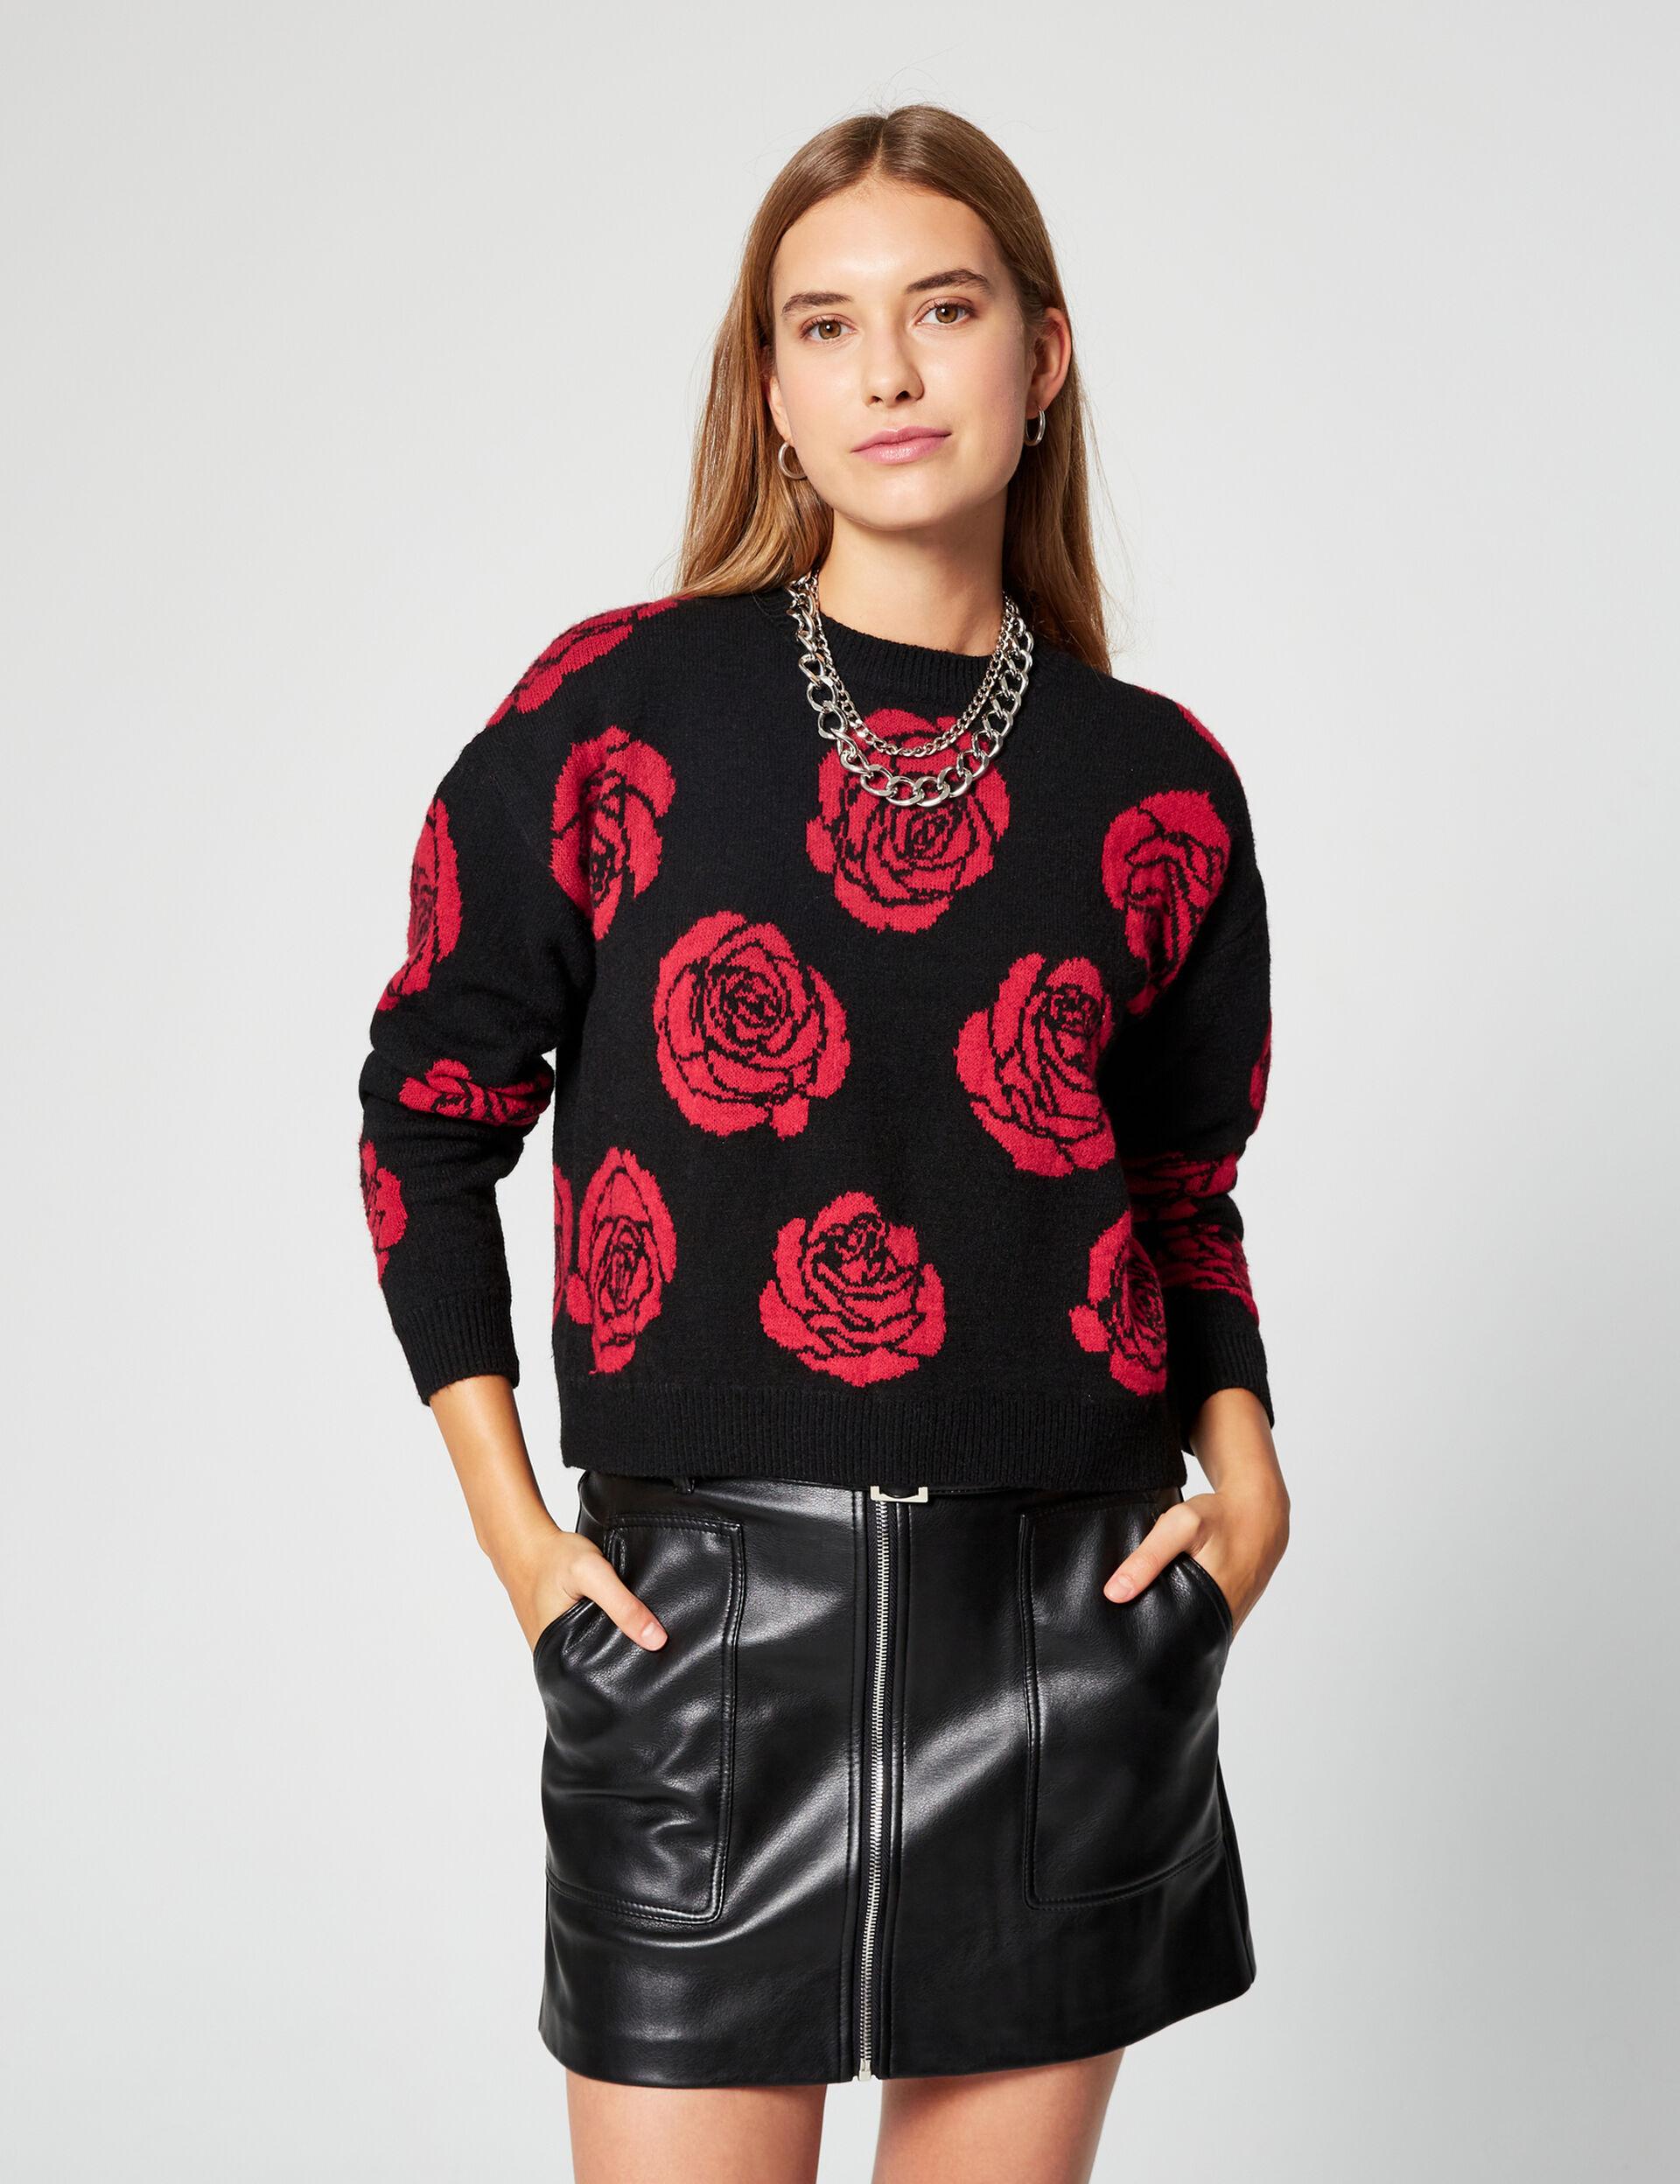 Printed jumper